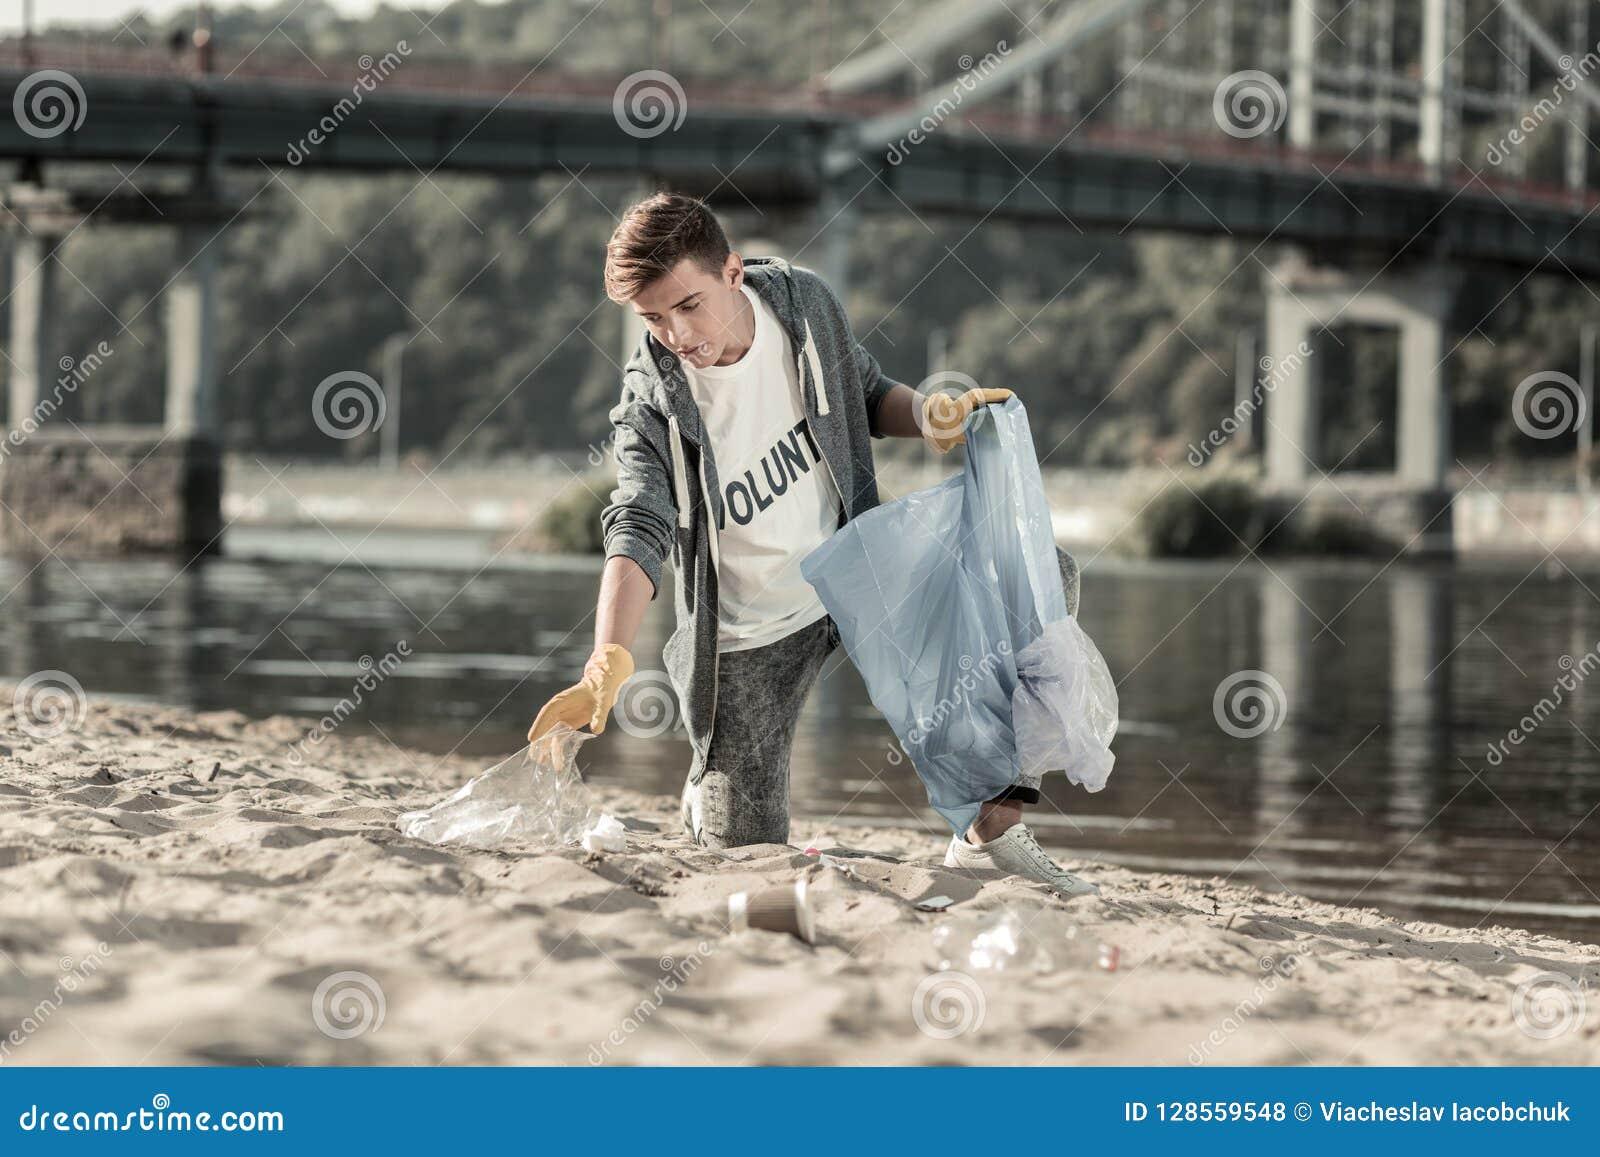 Jonge donker-haired vrijwilliger die zijn dag doorbrengen die het zand schoonmaken aan het strand